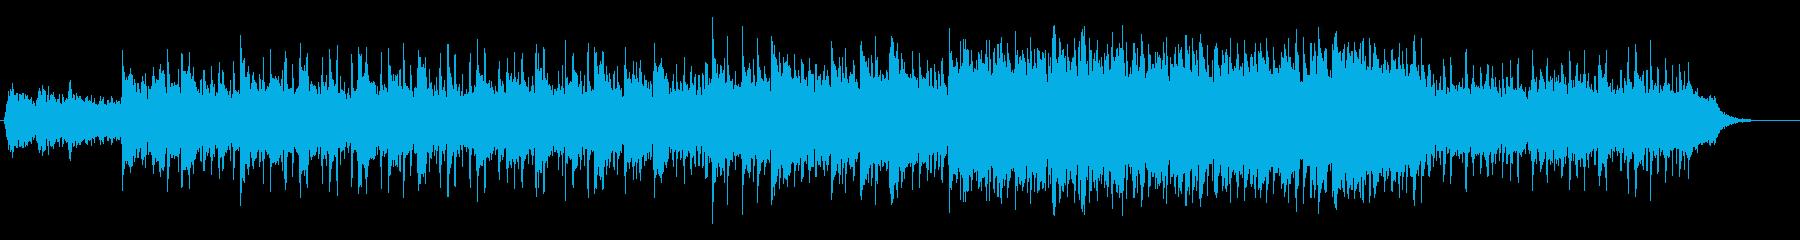 ふわーっとしたイージーリスニングの再生済みの波形